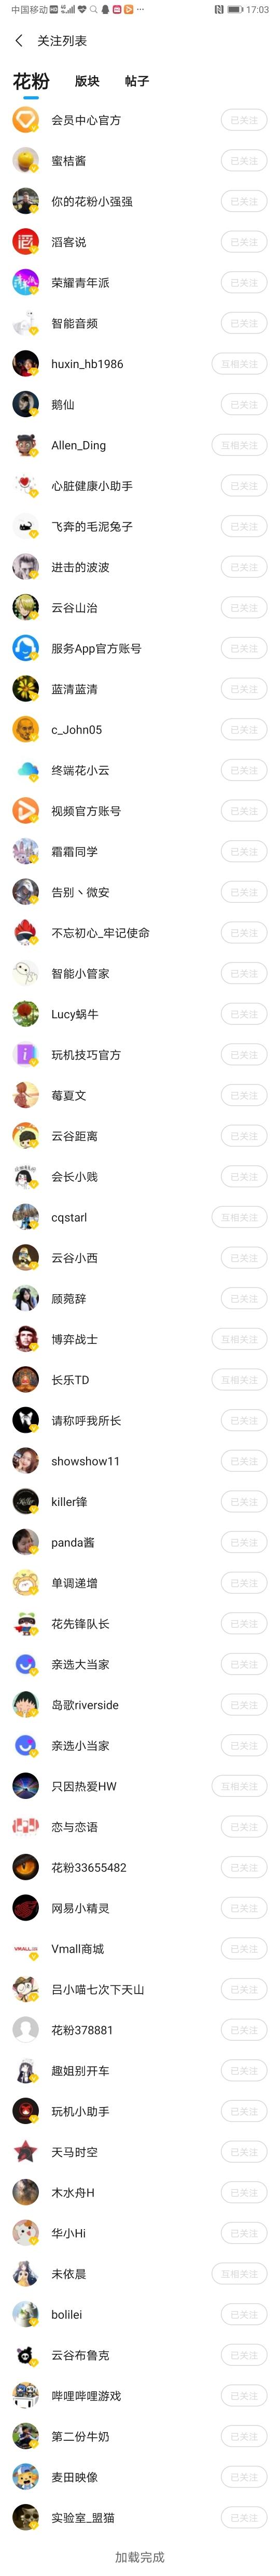 Screenshot_20200121_170317_com.huawei.fans.jpg